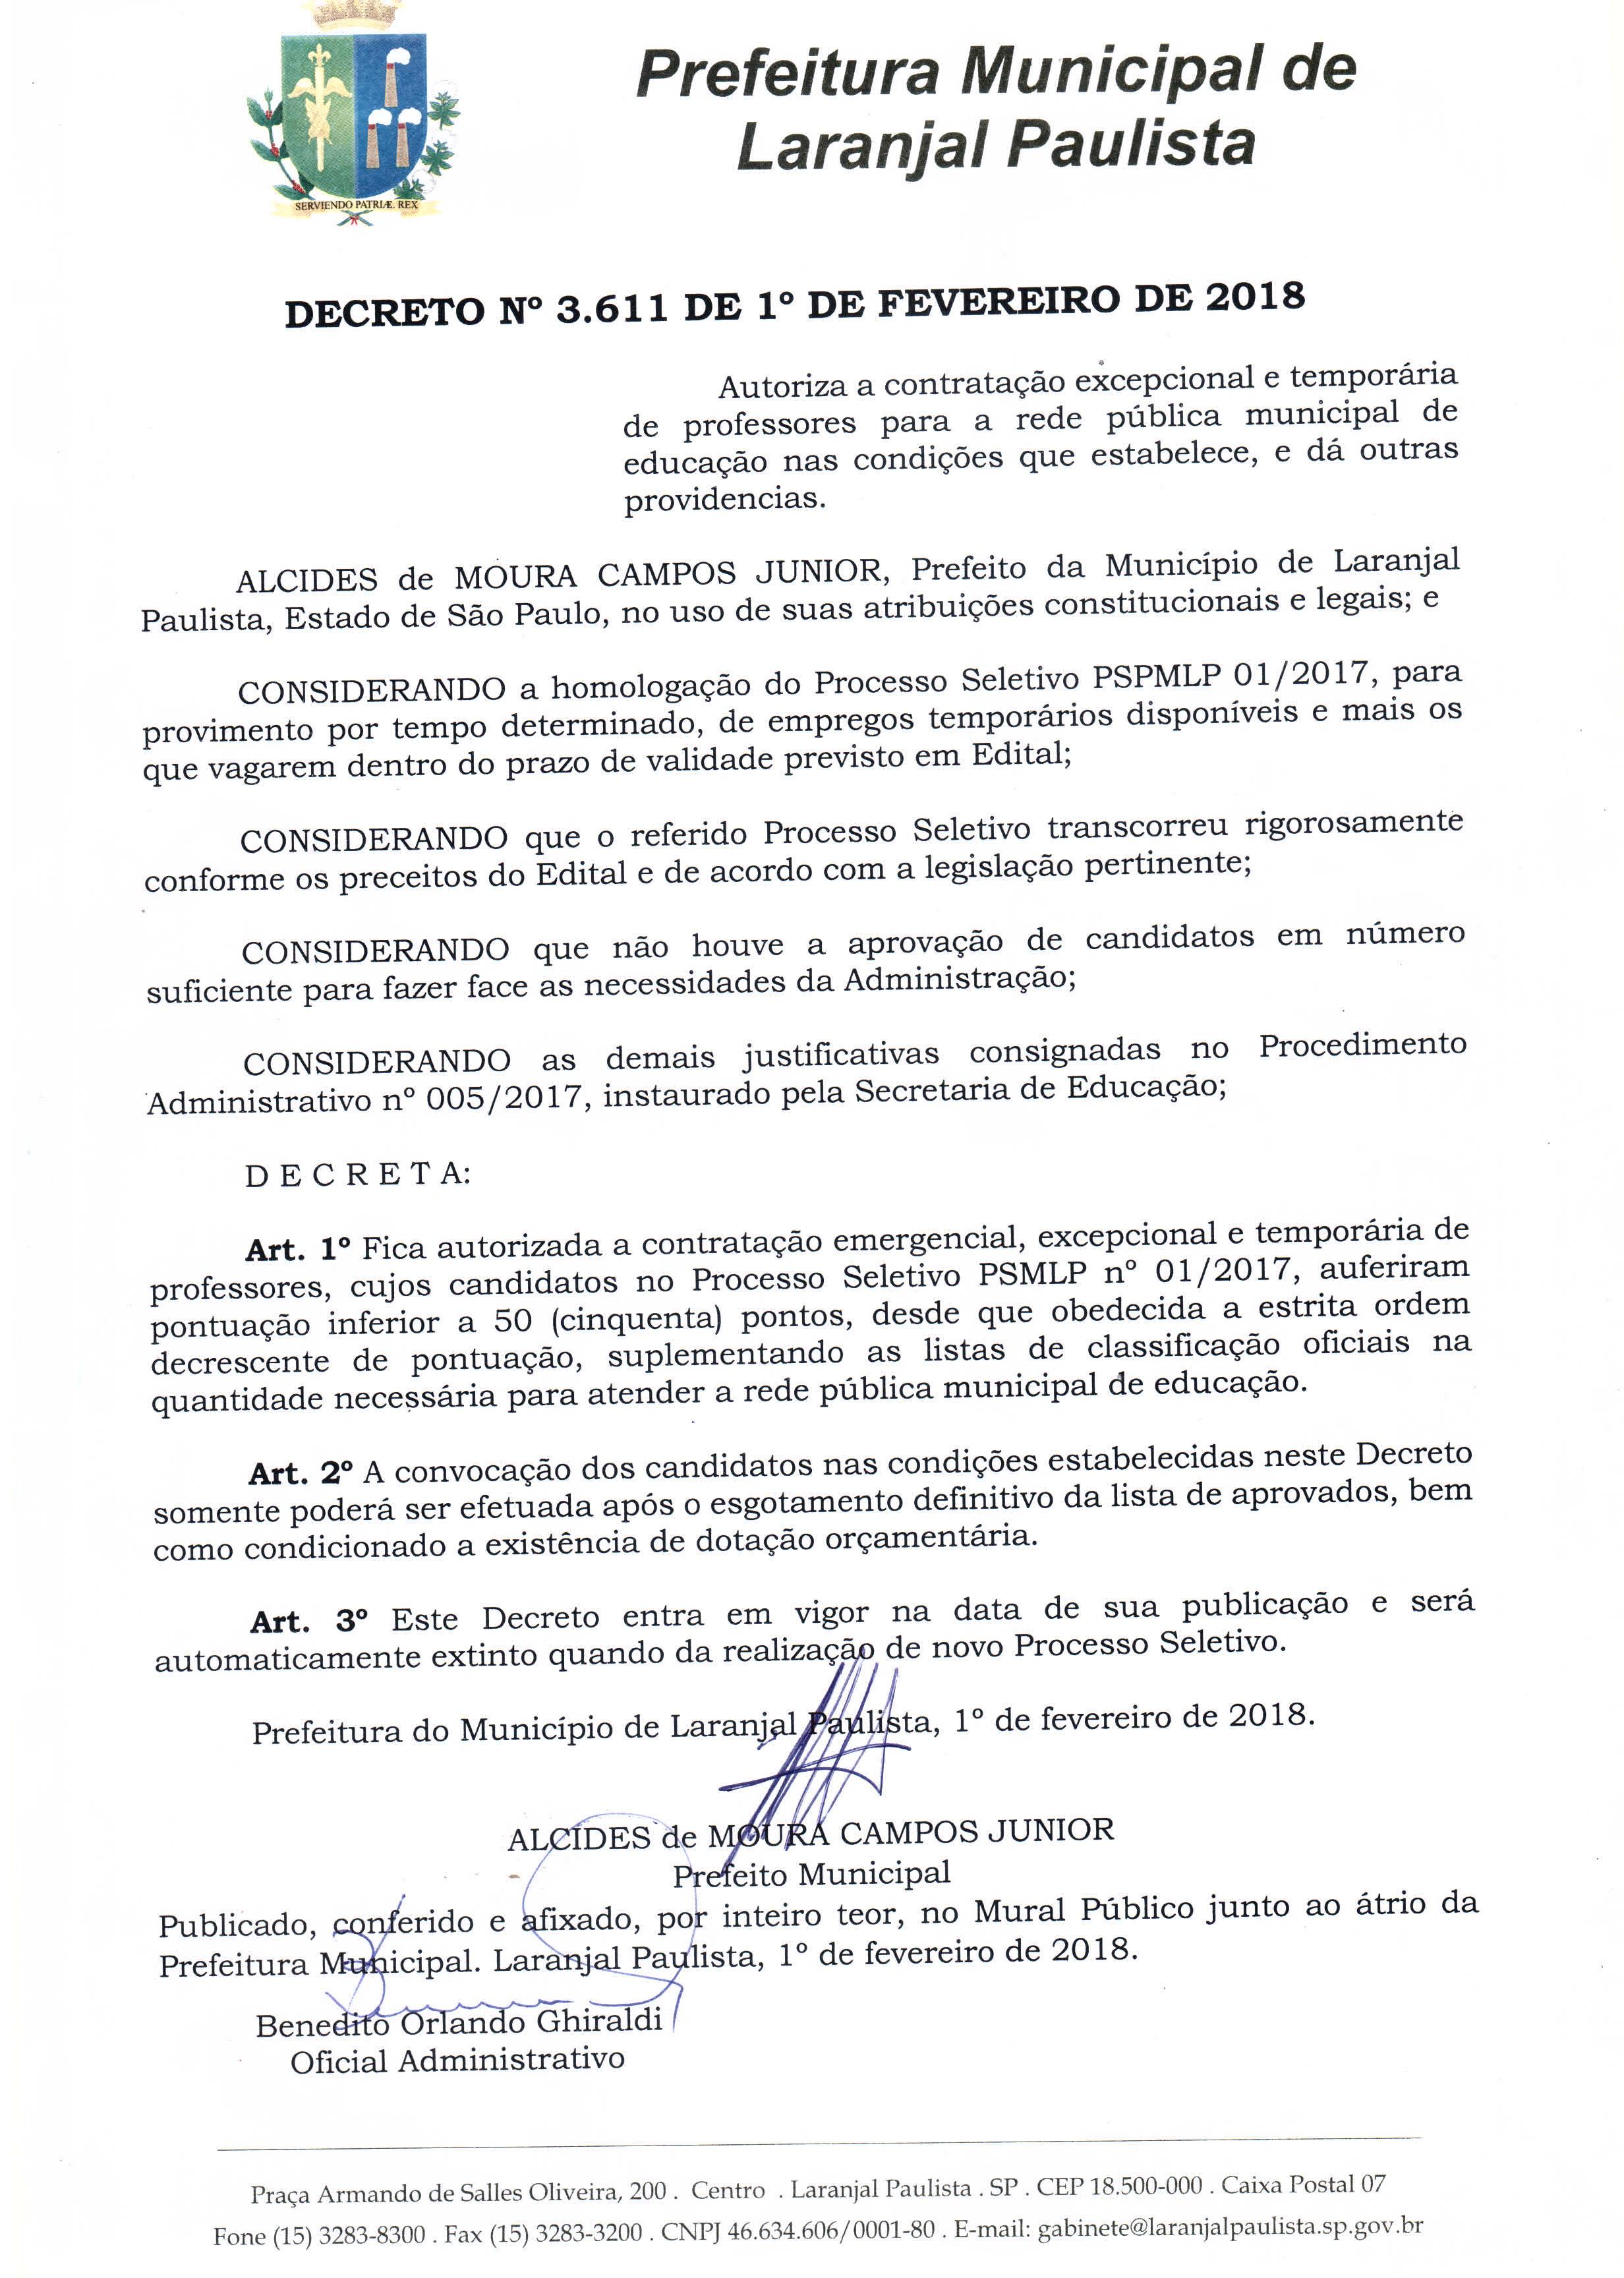 Decreto nº 3611/2018 - Autorização de contratação excepcional e temporária de professores